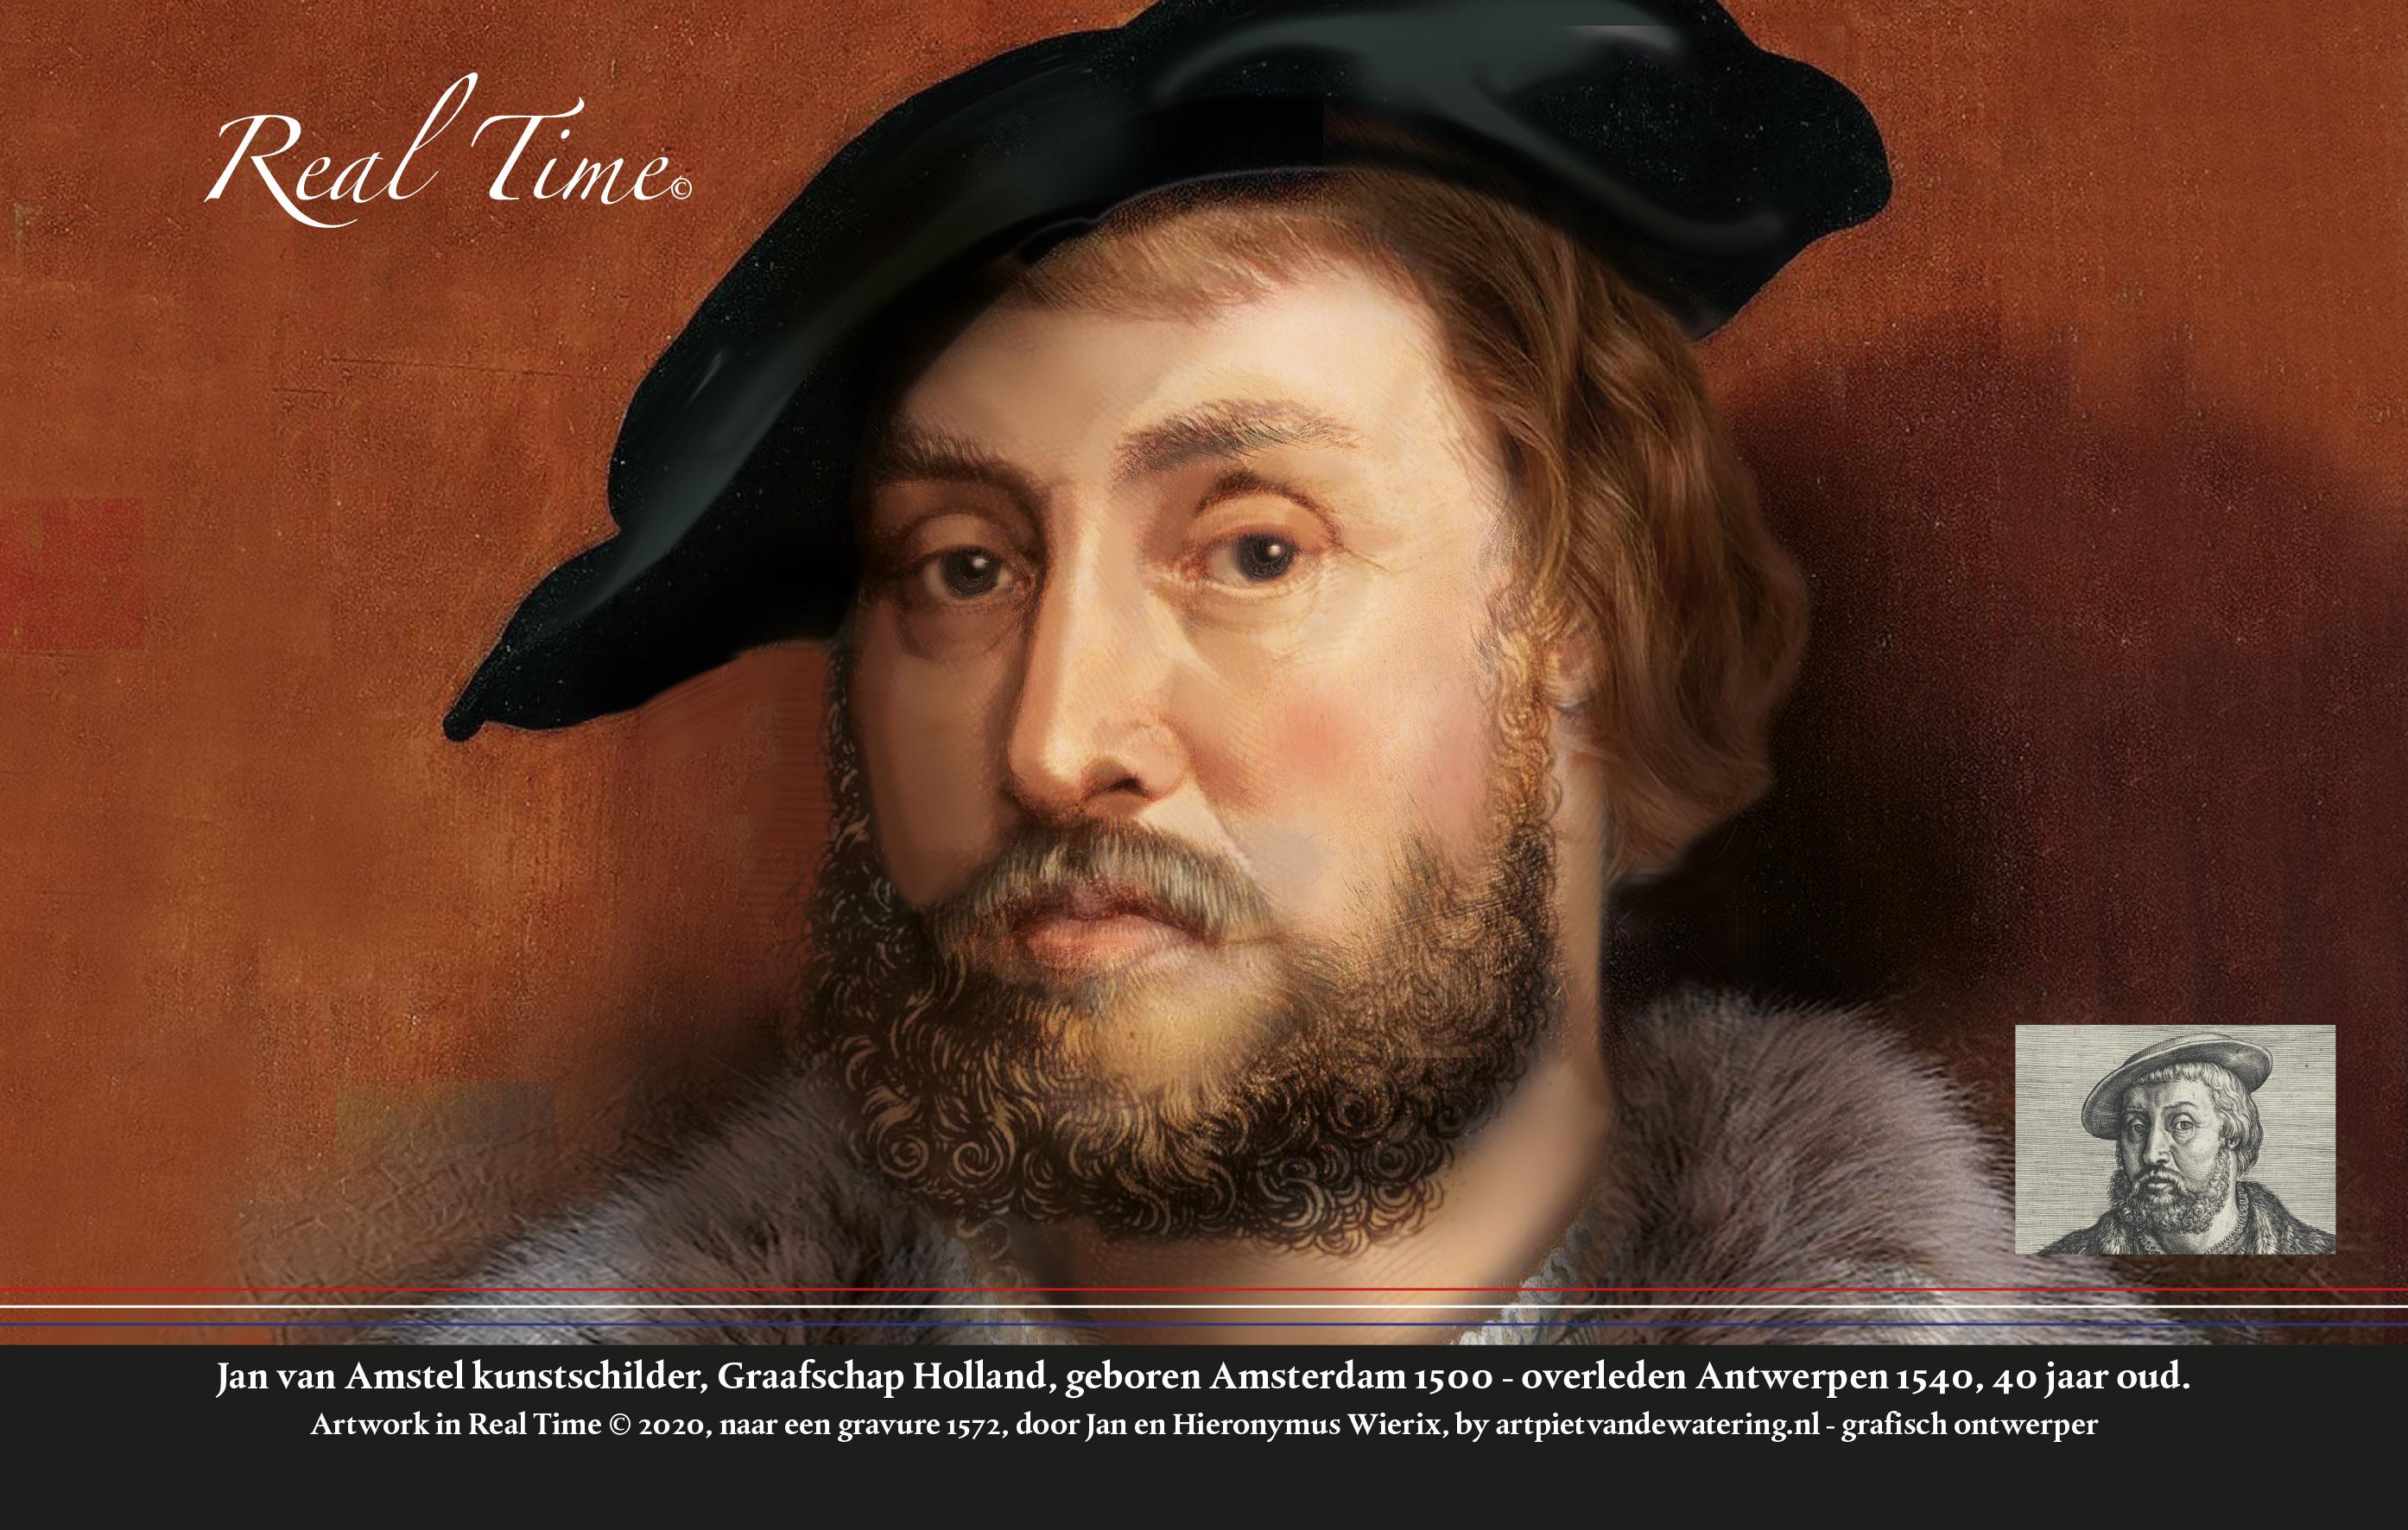 Jan-van-Amstel-1500-1540